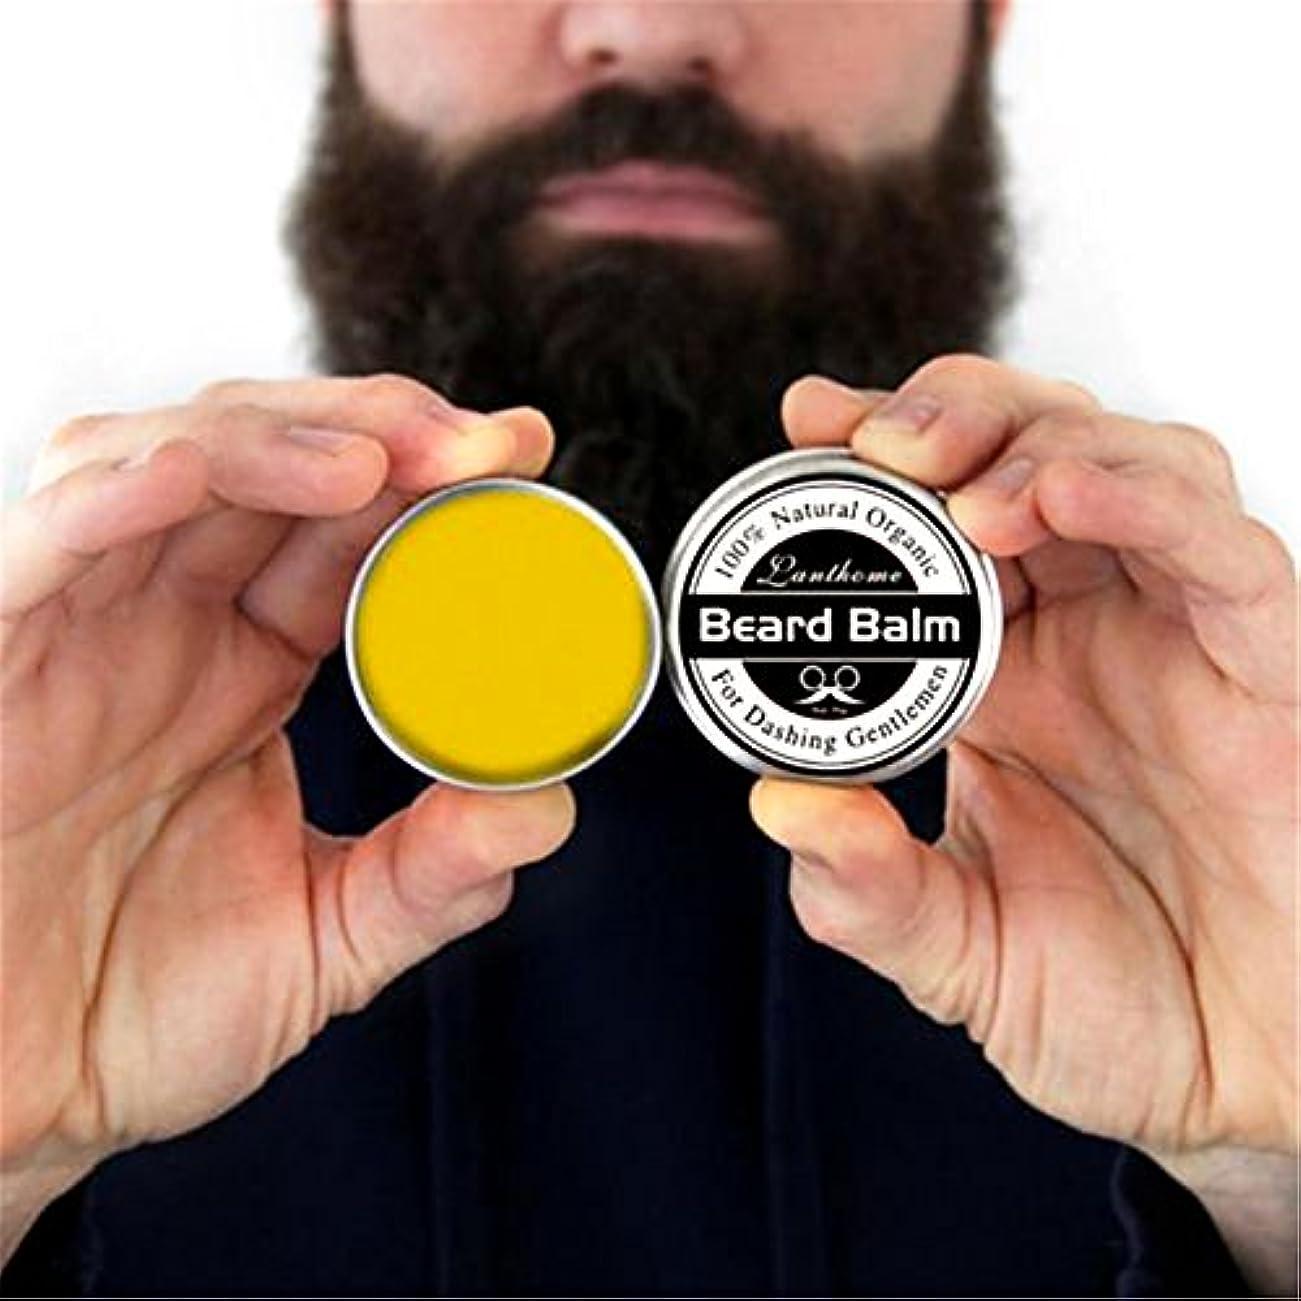 人形エコーゴールRuier-tong ビアードバーム メンズひげワックス 口髭用ワックス ひげクリーム 保湿/滋養/ひげ根のケアなどの効果  ひげケア必需品 携帯便利